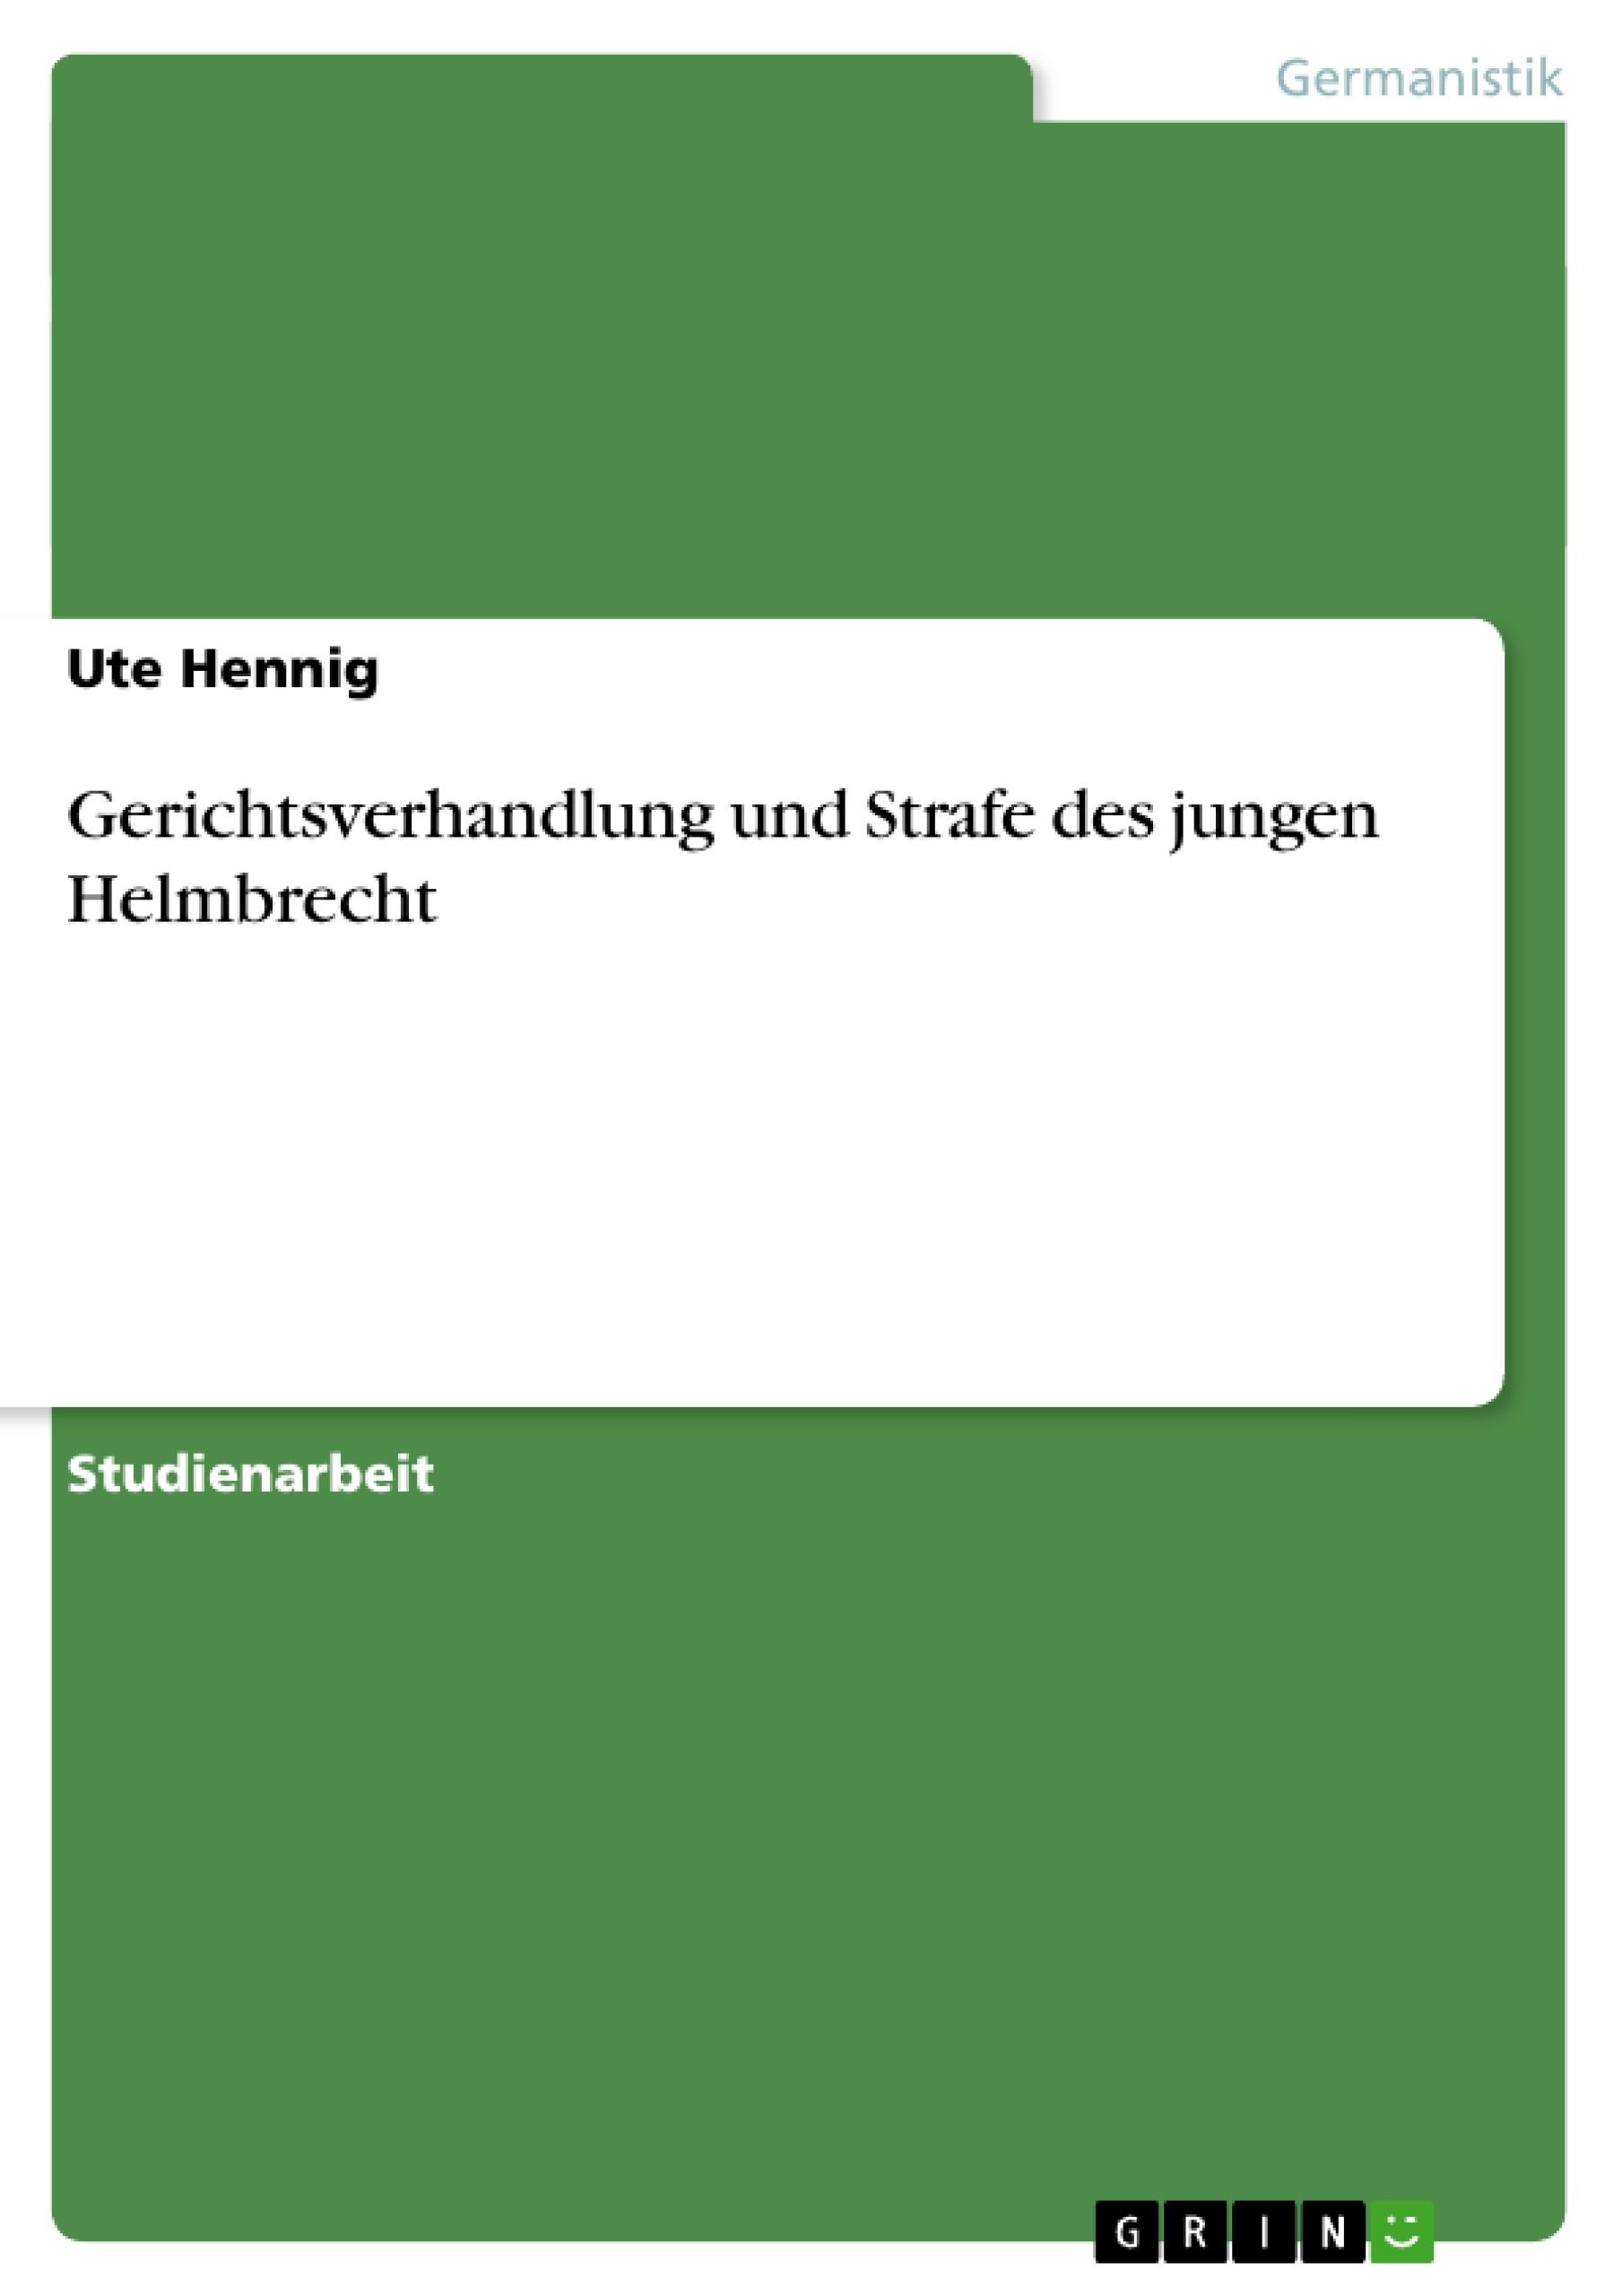 Titel: Gerichtsverhandlung und Strafe des jungen Helmbrecht